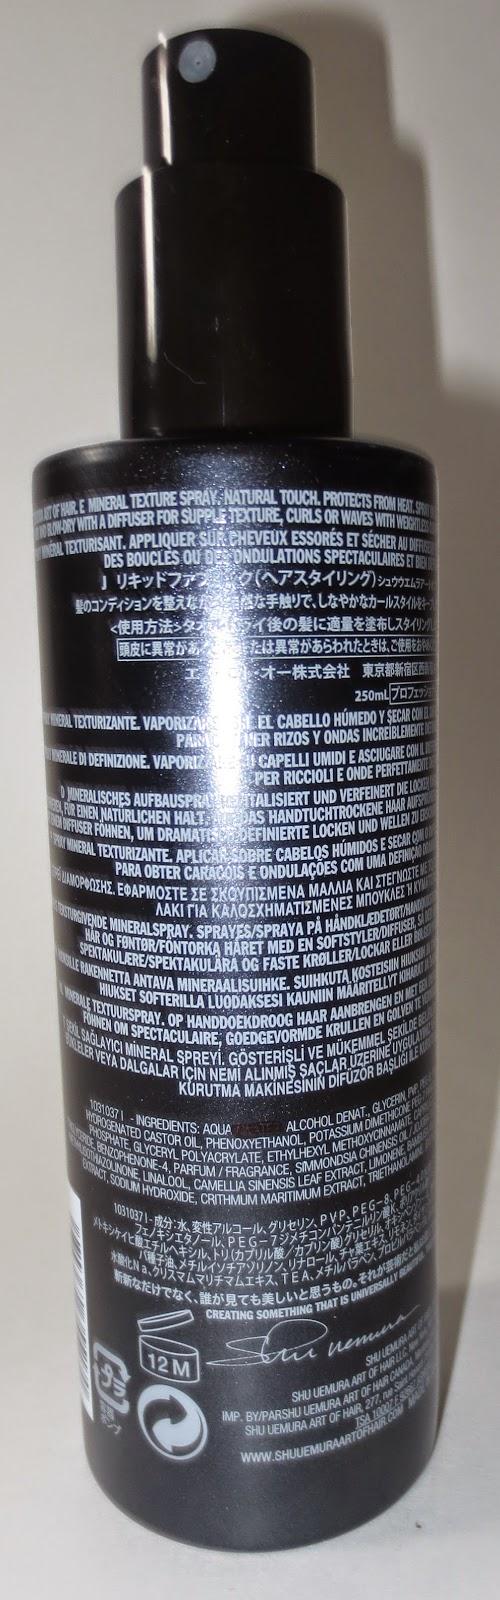 Shu Uemura Liquid Fabric